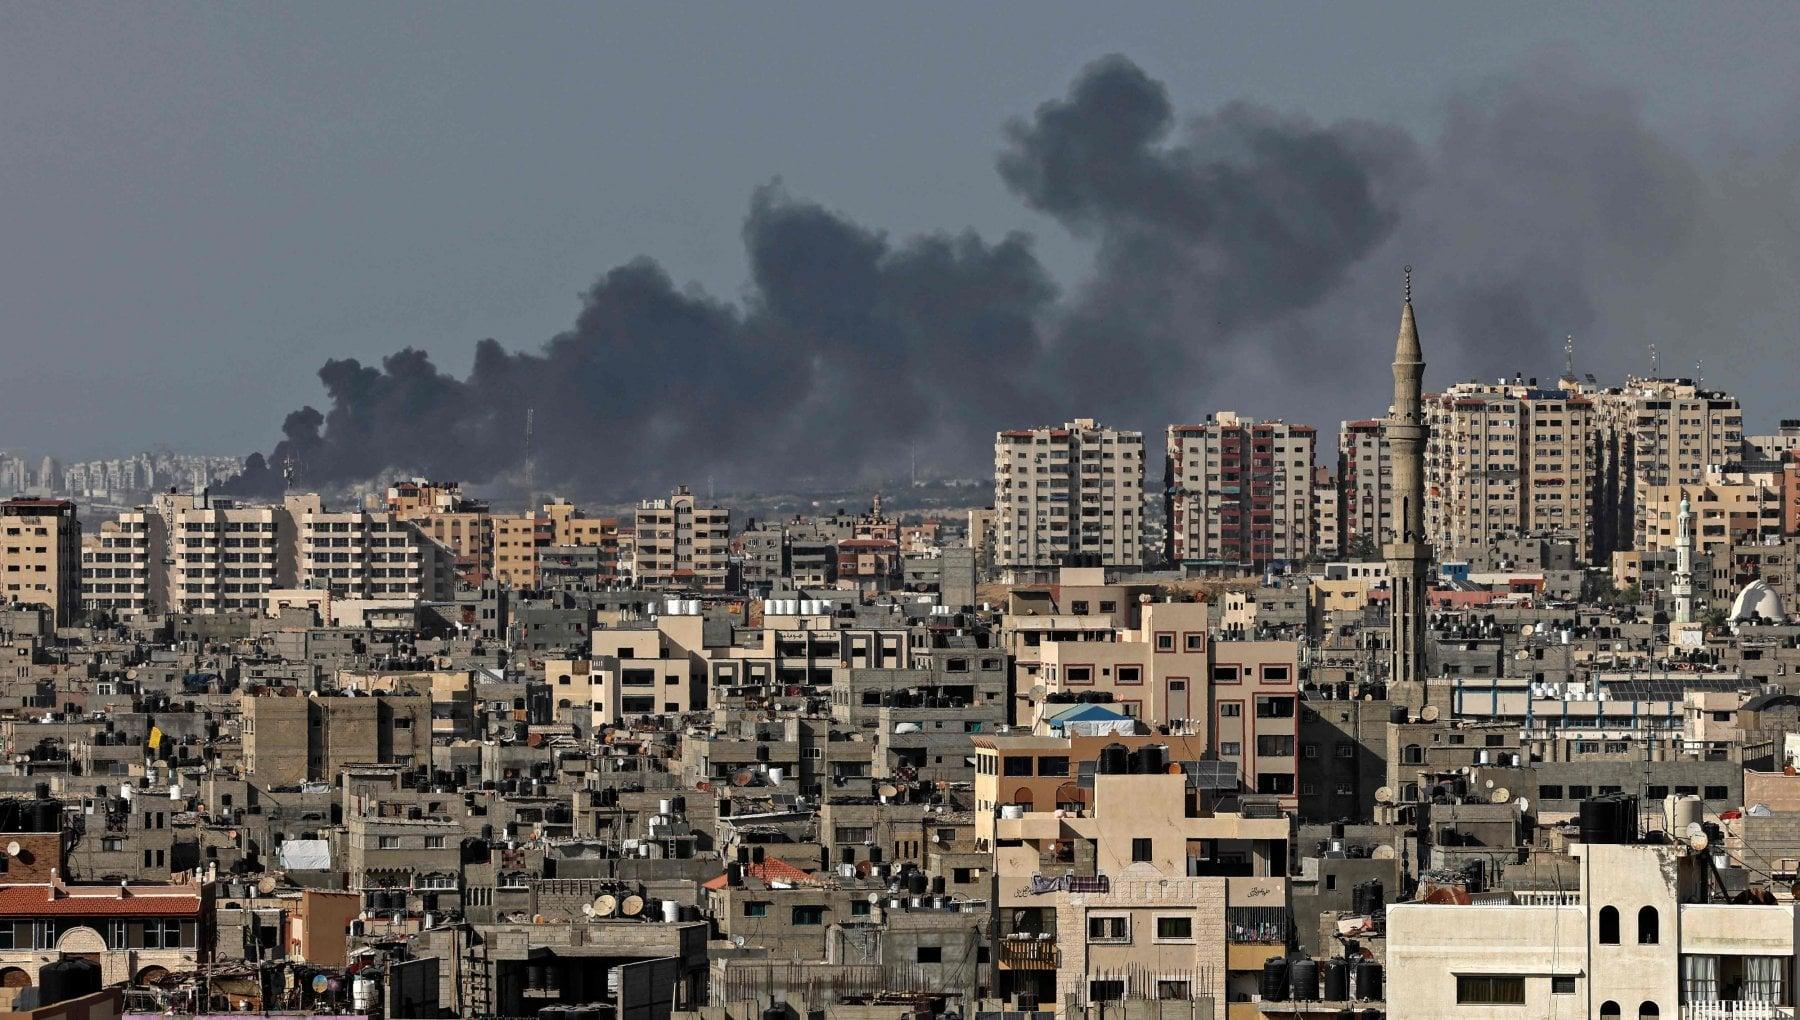 """213854546 98ec1906 1c28 4edd a533 4e1fca1e5c0e - David Grossman """"A rischio il fragile equilibrio di Israele: così perdiamo tutti"""""""